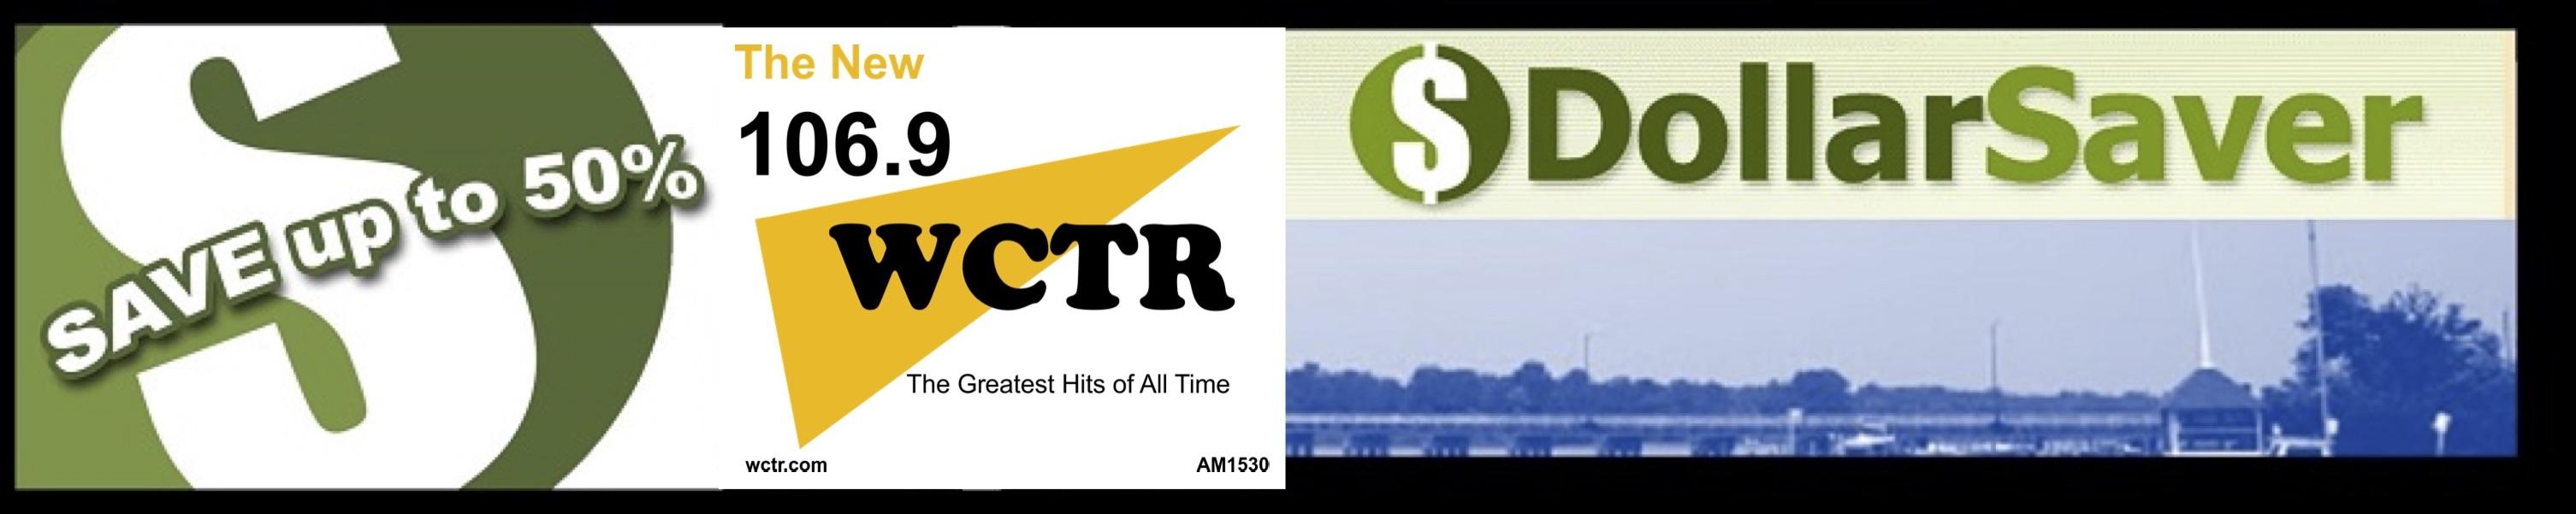 WCTR Dollar Saver